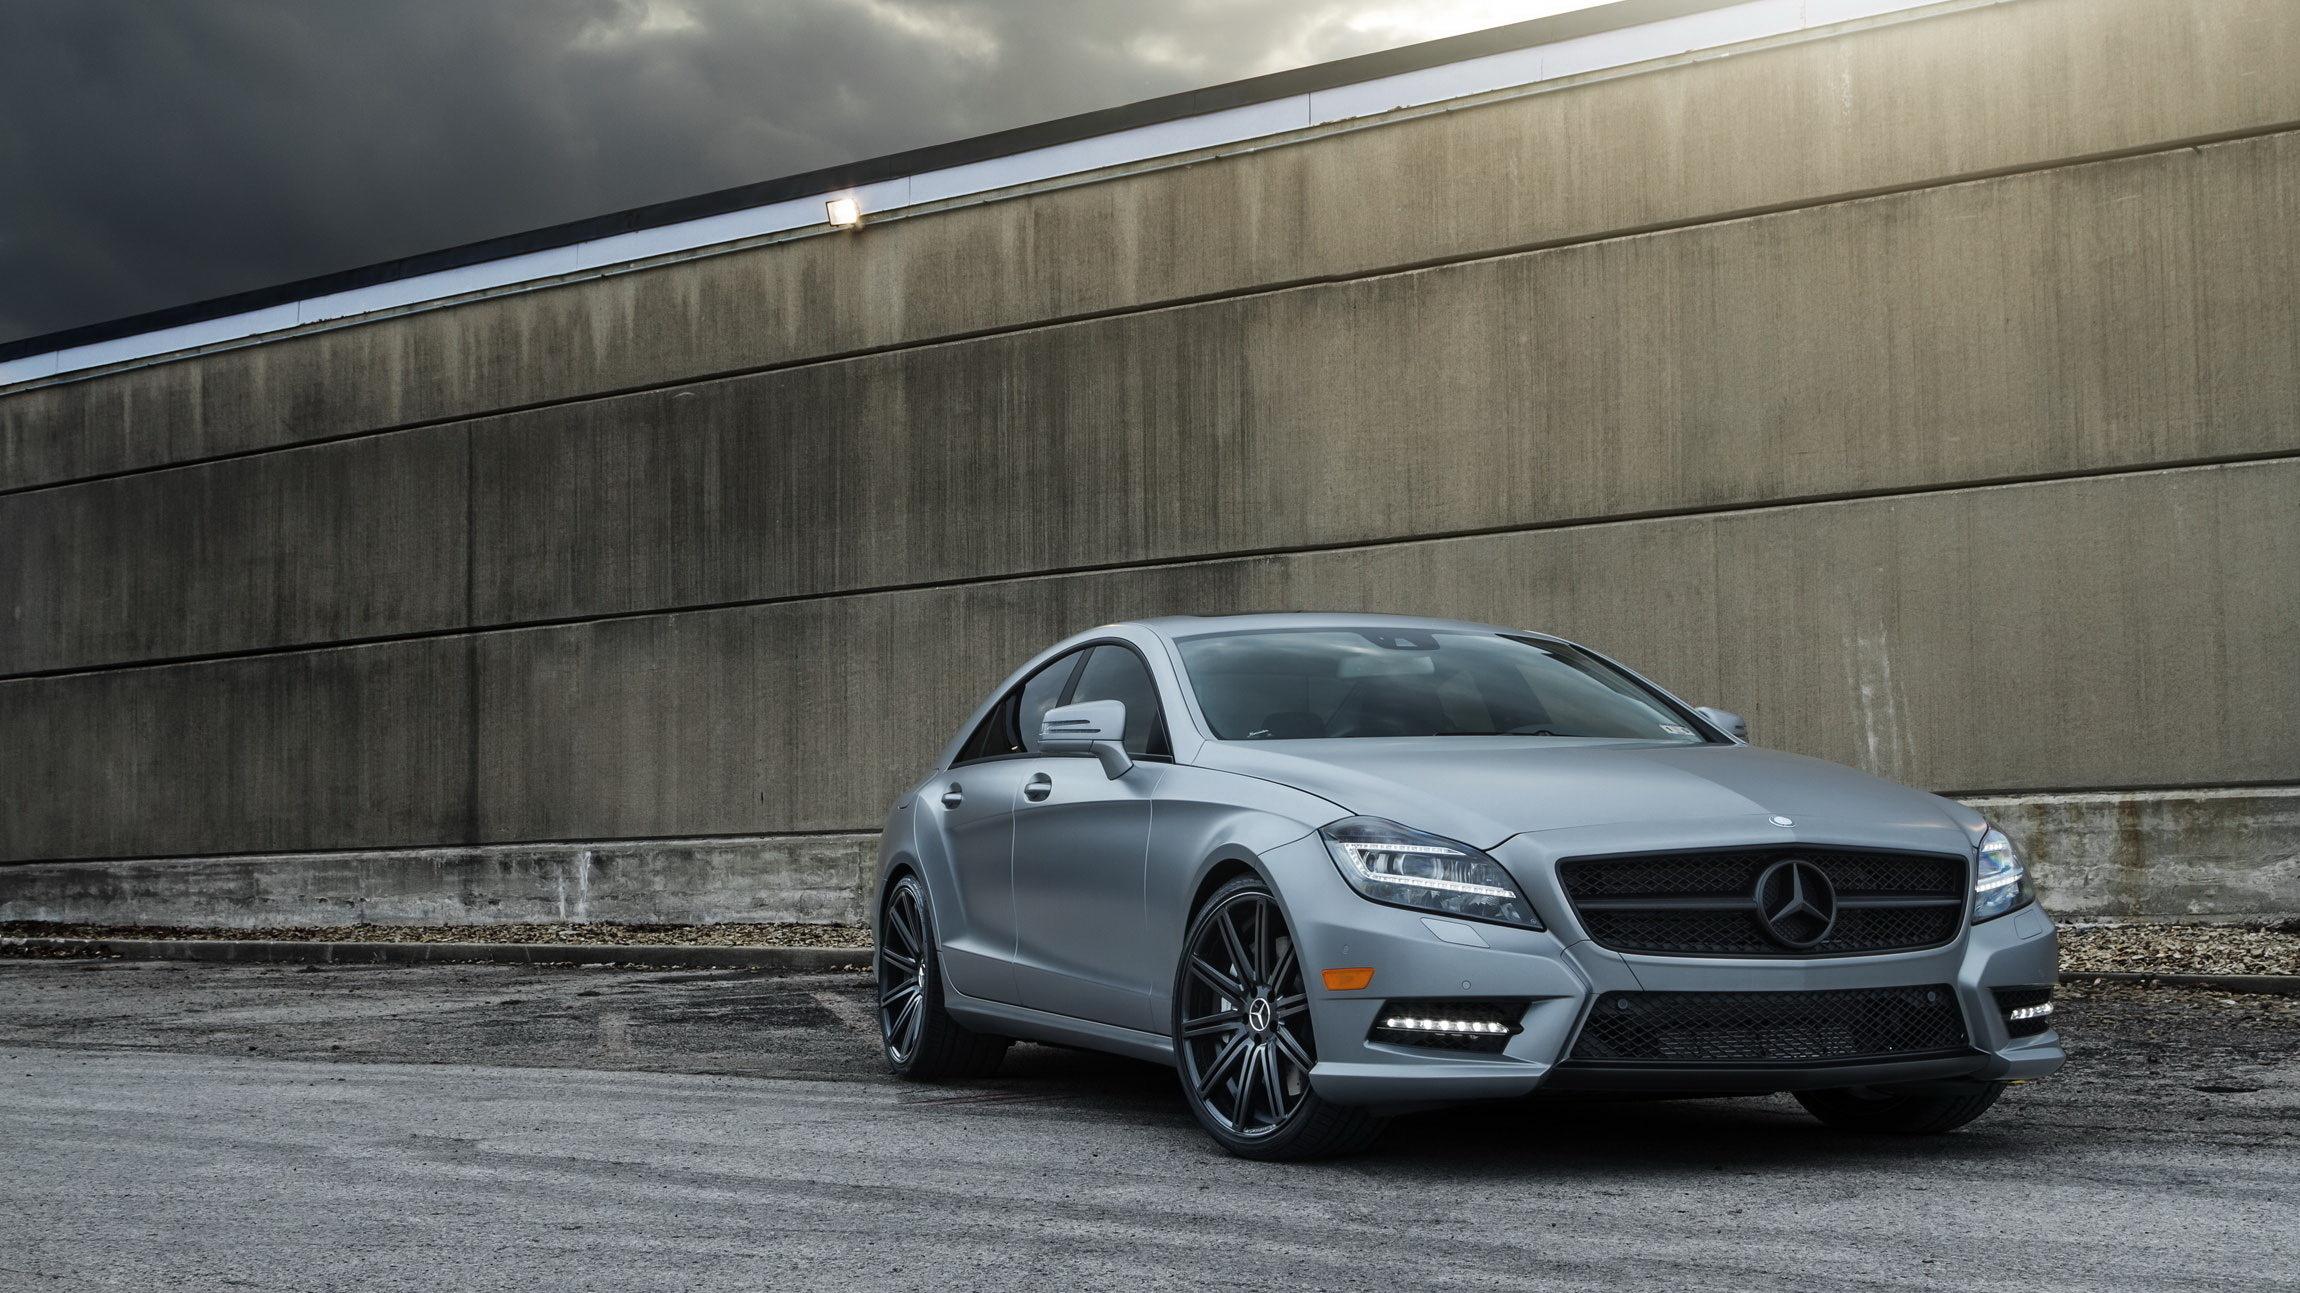 39912 скачать обои Транспорт, Машины, Мерседес (Mercedes) - заставки и картинки бесплатно